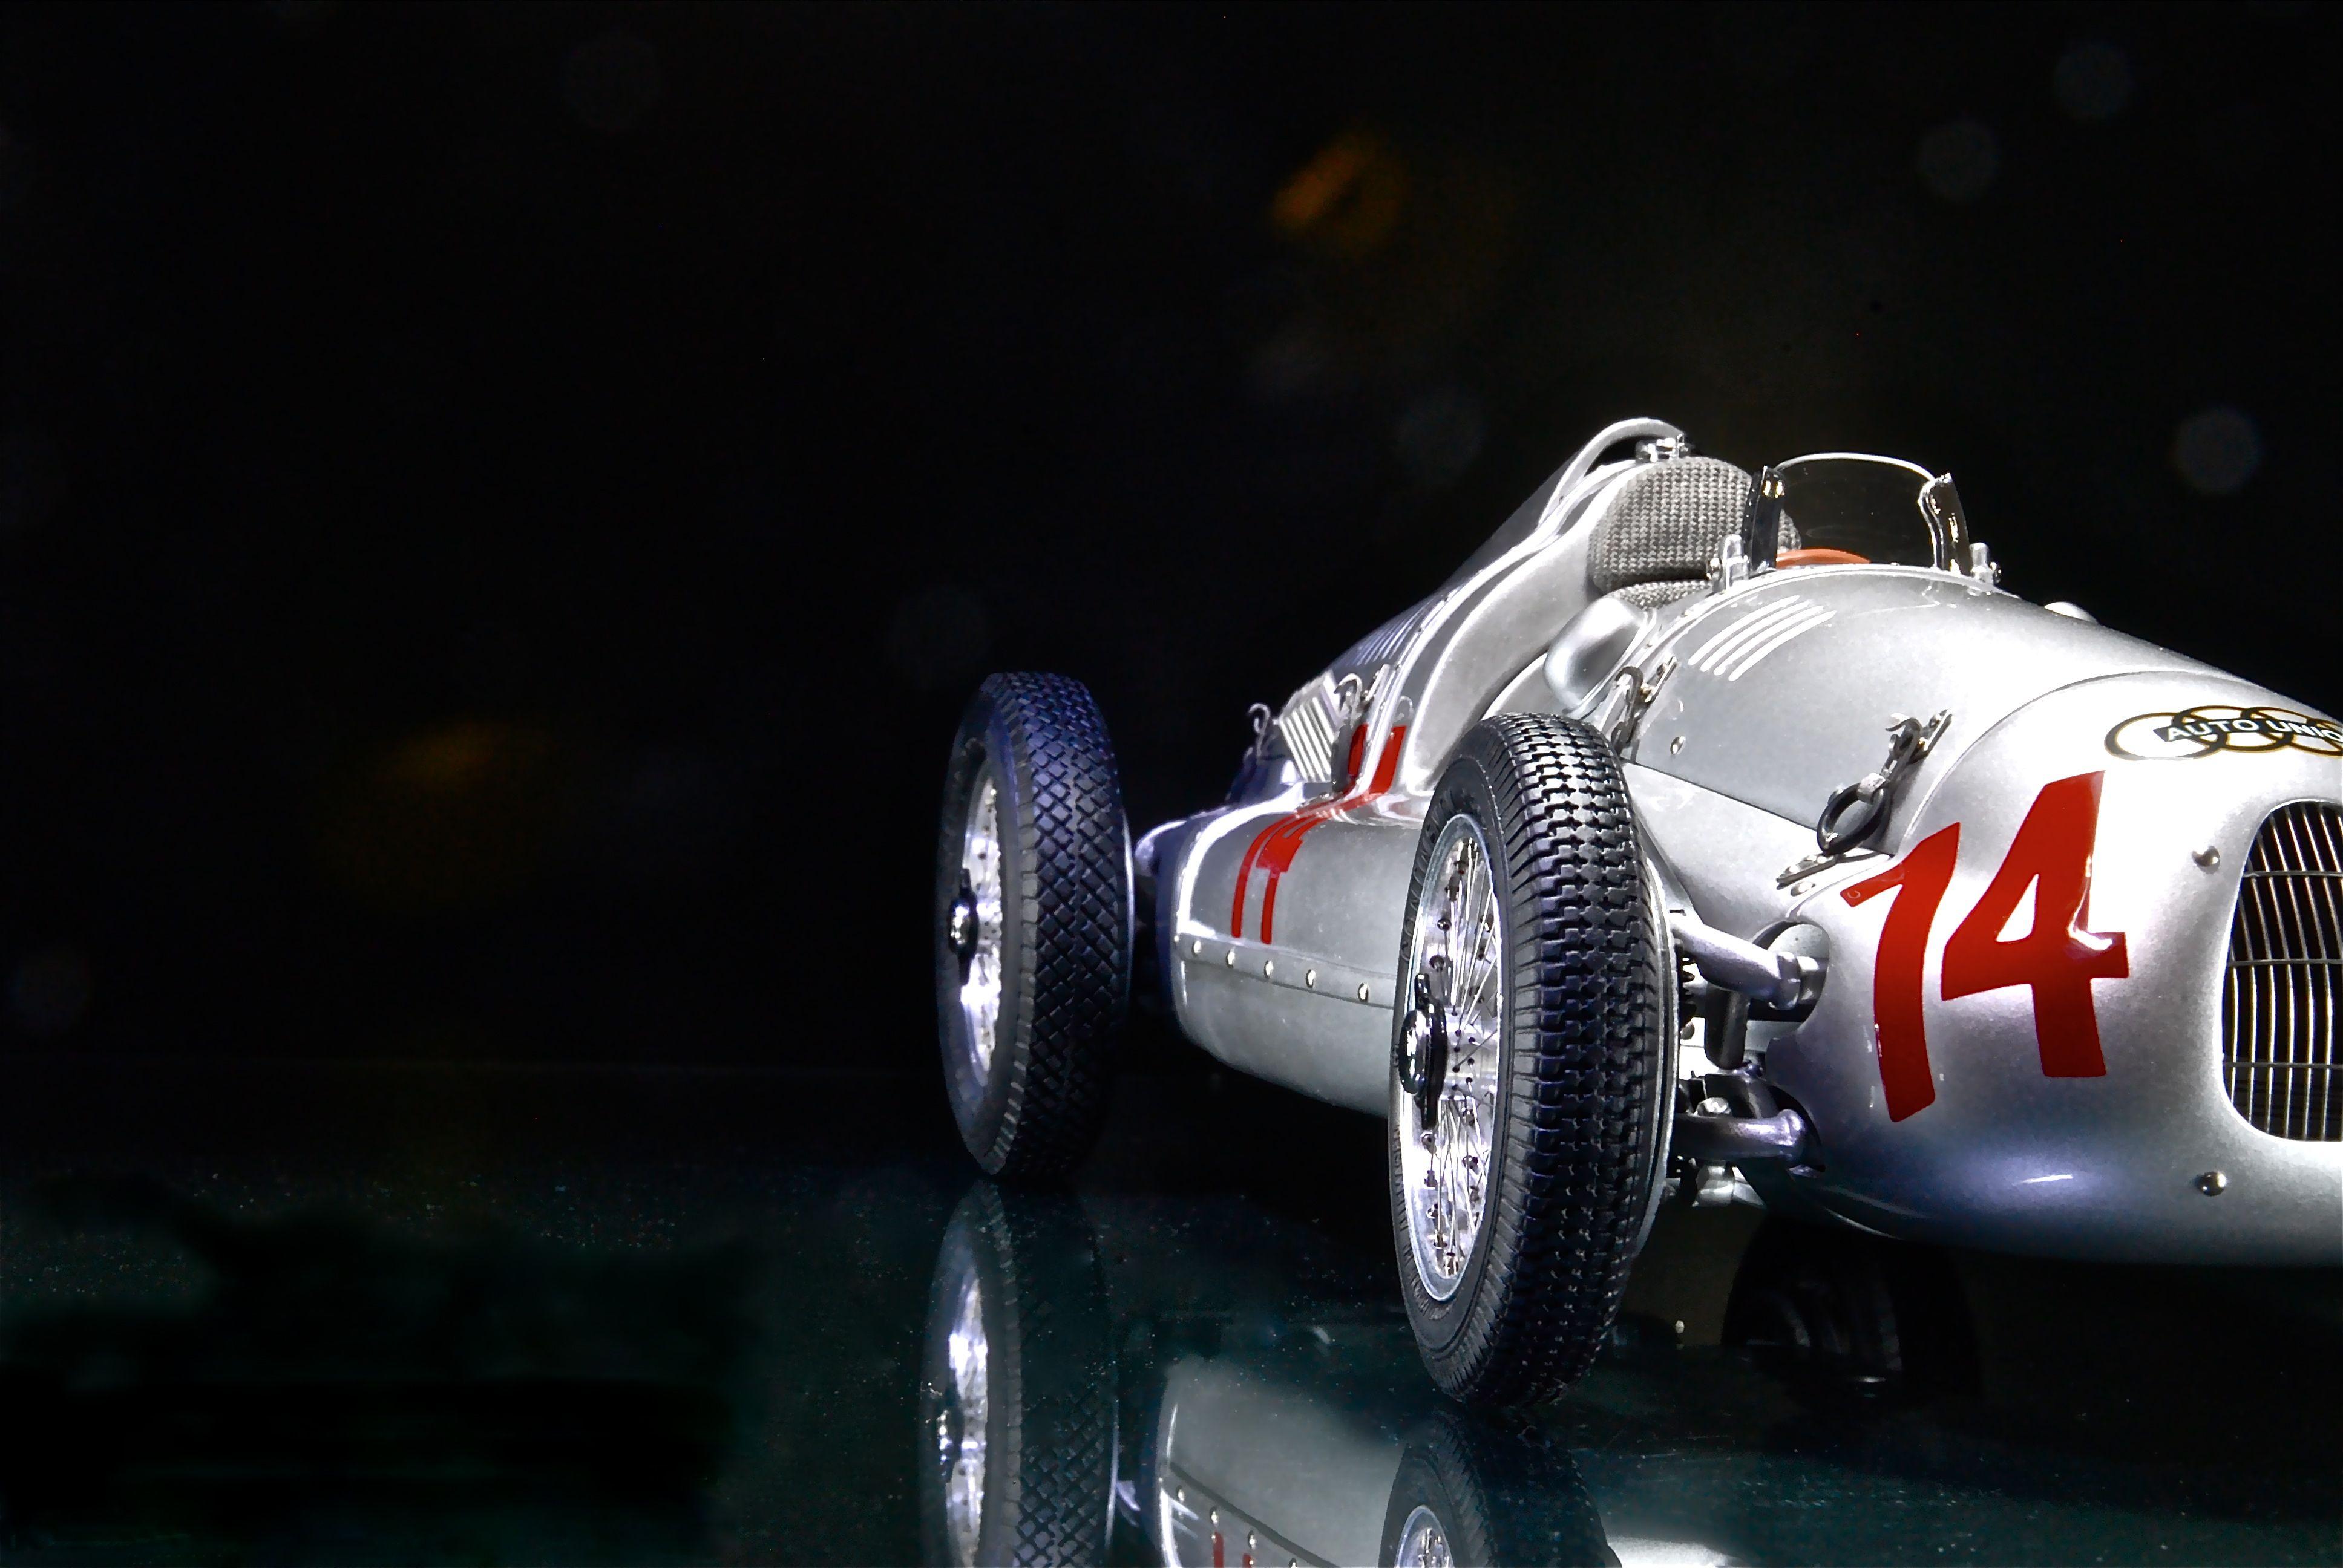 6e404a71e742a012aceff0701979237c Outstanding Maisto Porsche 911 Gt1 Le Mans 1998 Cars Trend